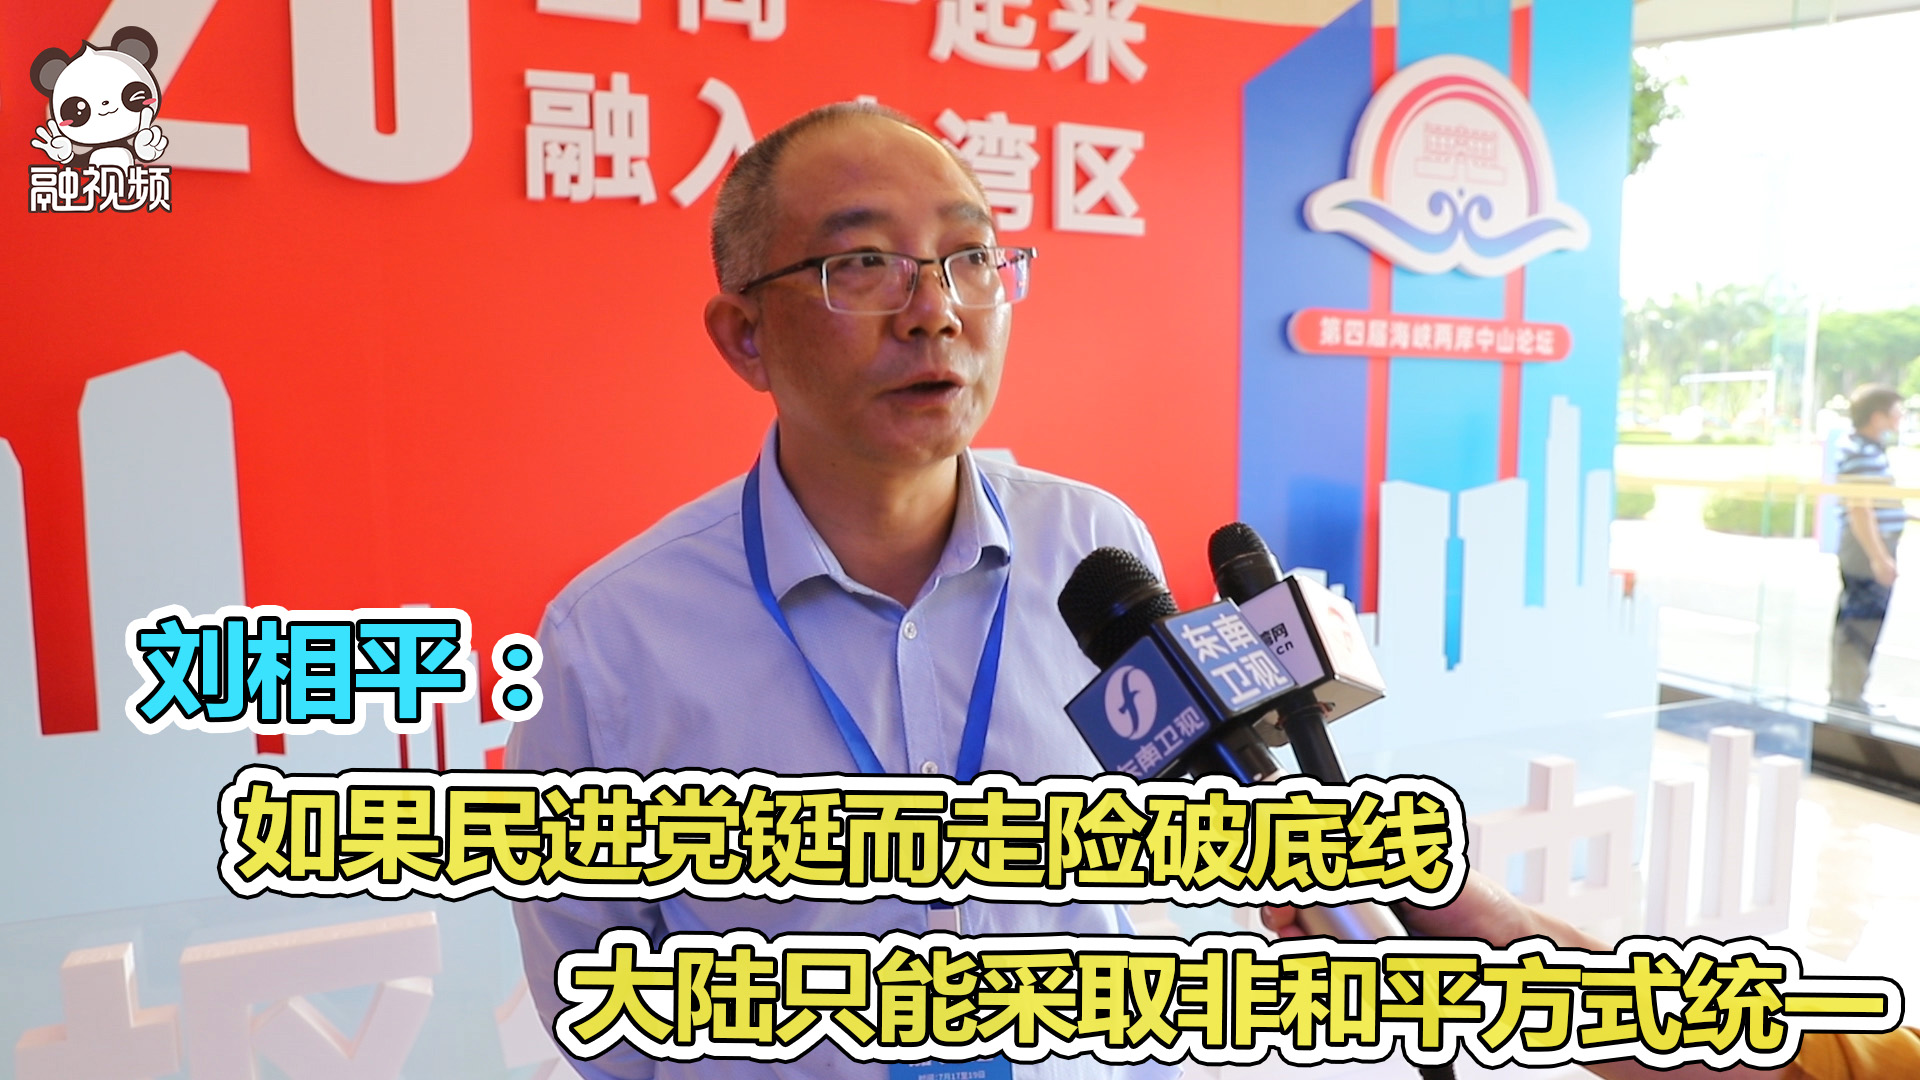 刘相平:如果民进党铤而走险破底线 大陆只能采非和平方式图片